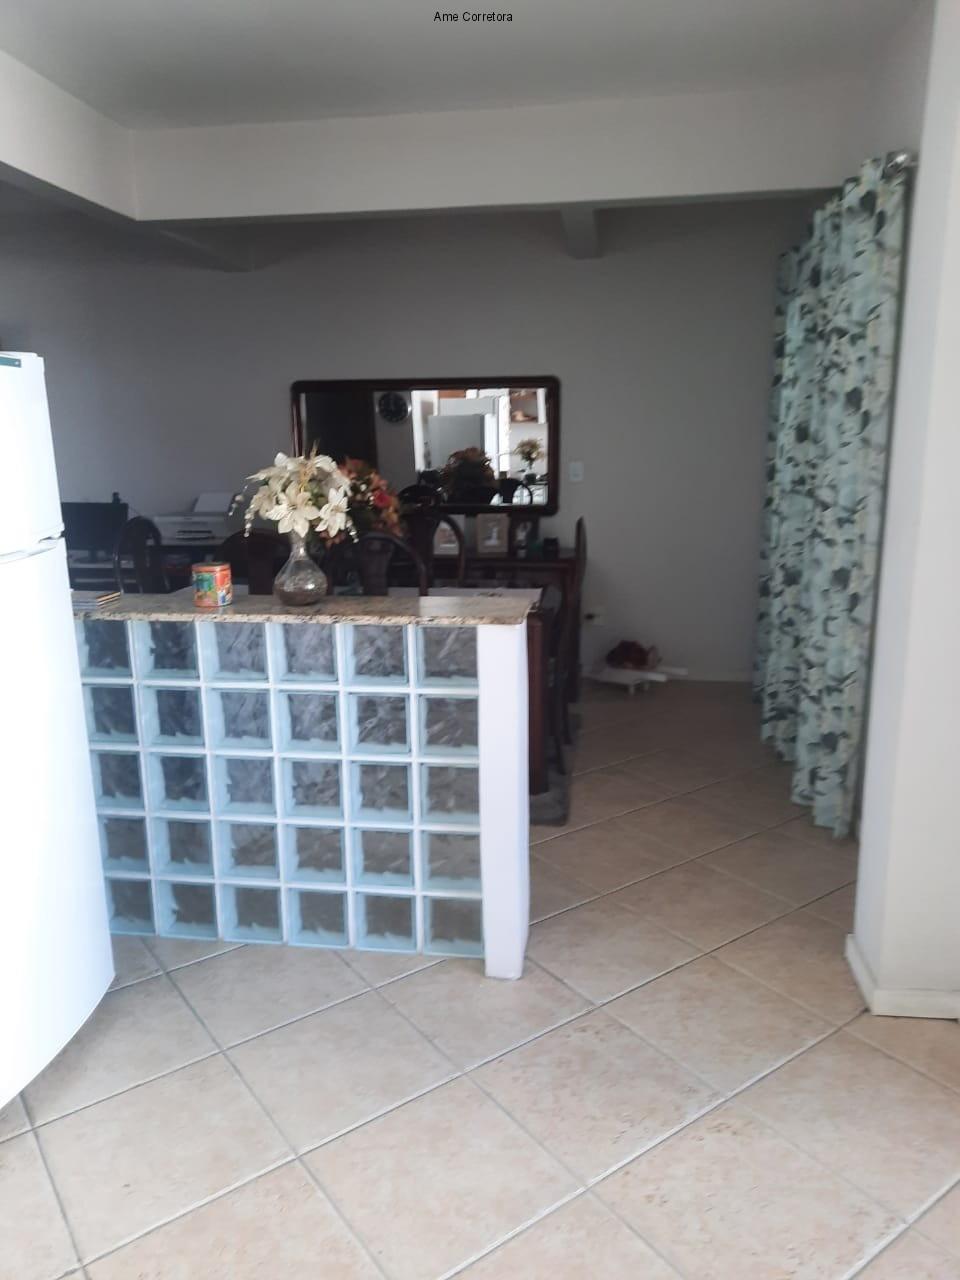 FOTO 18 - Apartamento 3 quartos à venda Rio de Janeiro,RJ - R$ 1.400.000 - AP00410 - 19